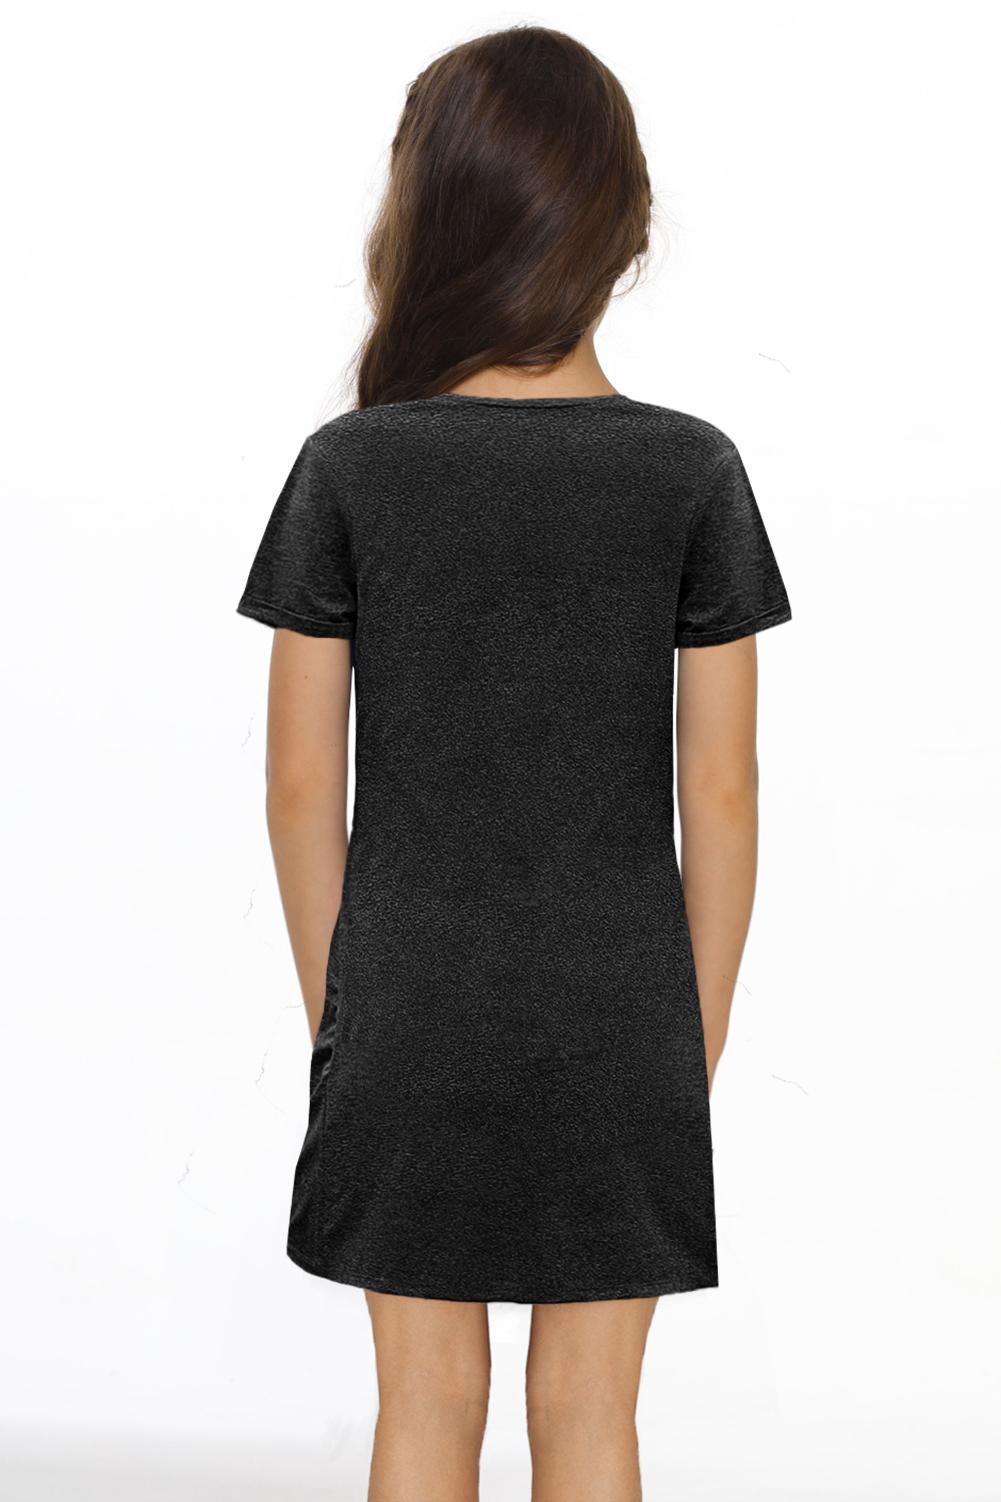 黑色简约休闲小女孩V领短袖扭褶T恤迷你裙 TZ61107